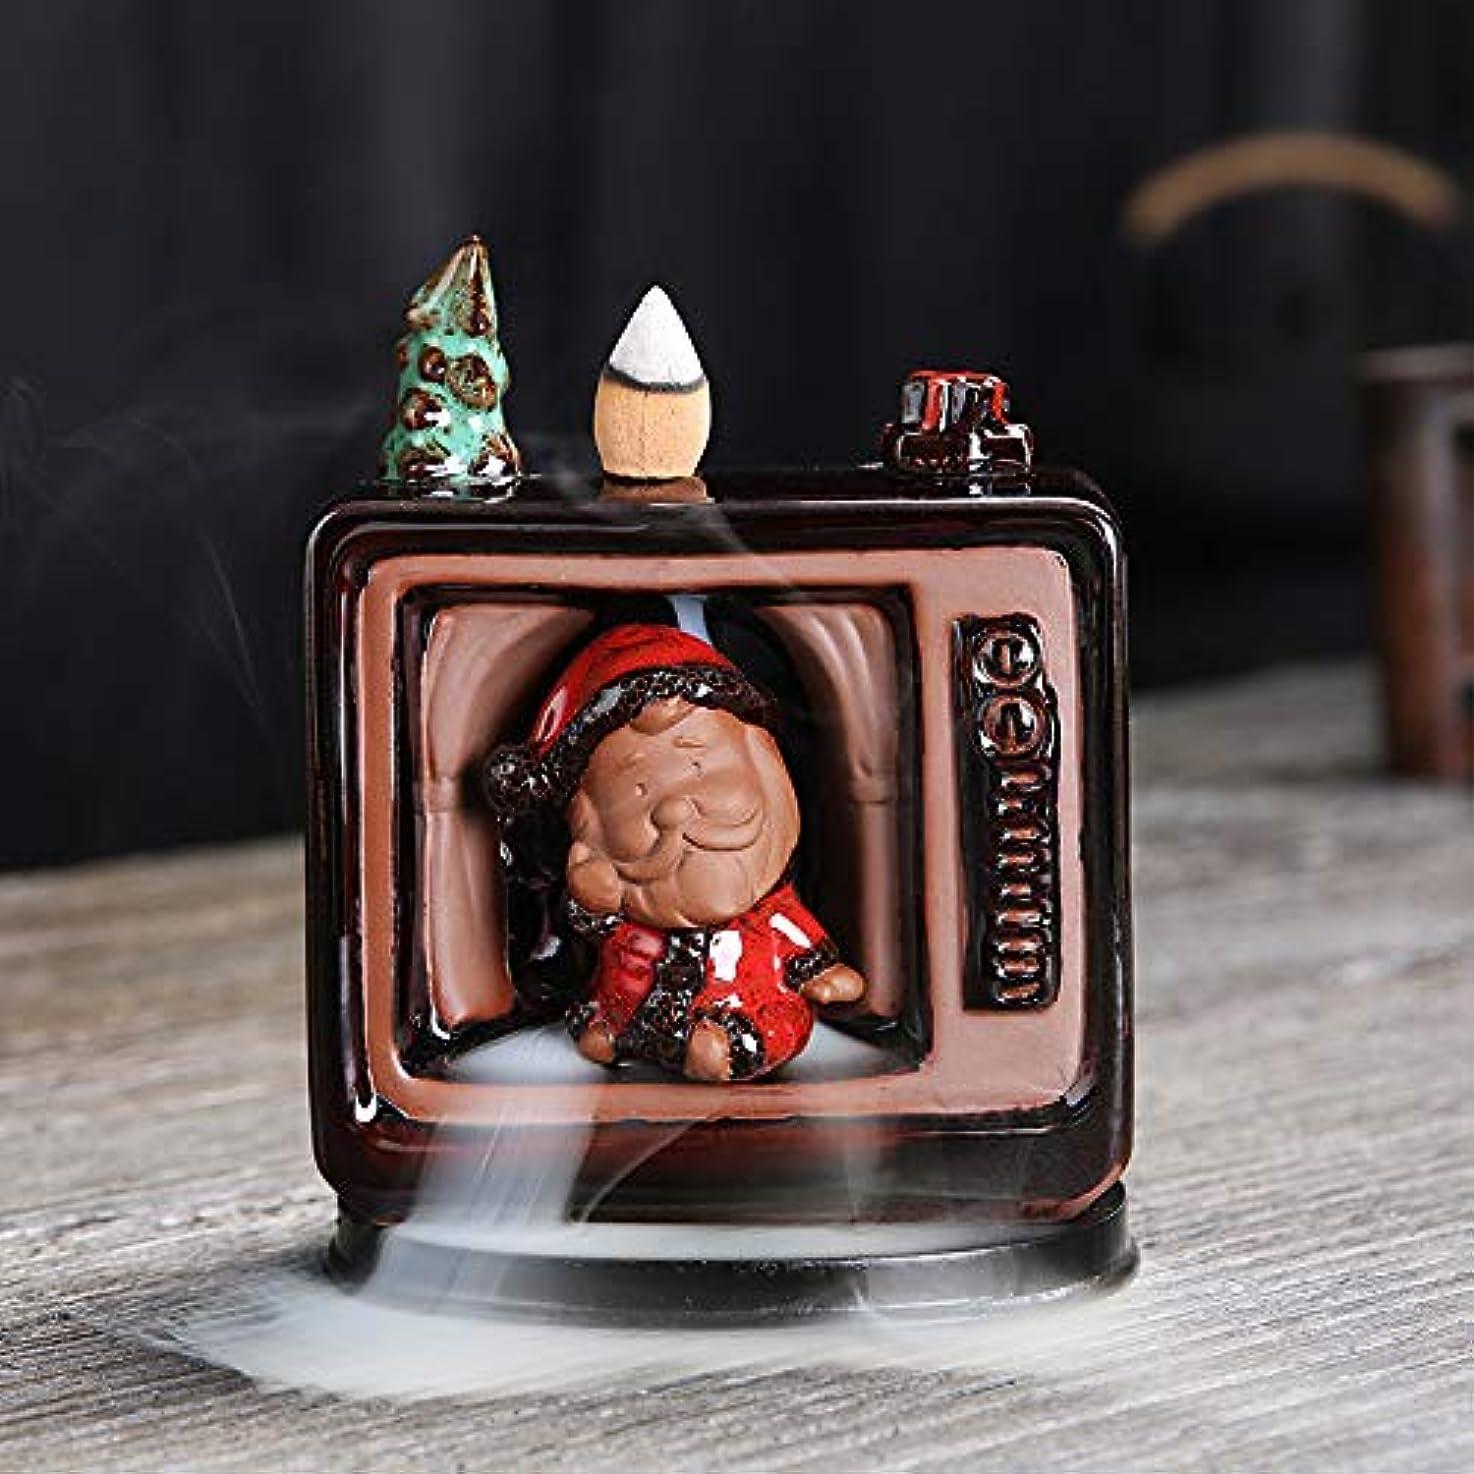 著者欺浅いセラミックリフロー香炉香炉サンタクロースヨガ瞑想家の装飾や手工芸に適しています中国のクリスマスギフトスノーマン香炉クリスマス香炉11 * 6 * 14cm